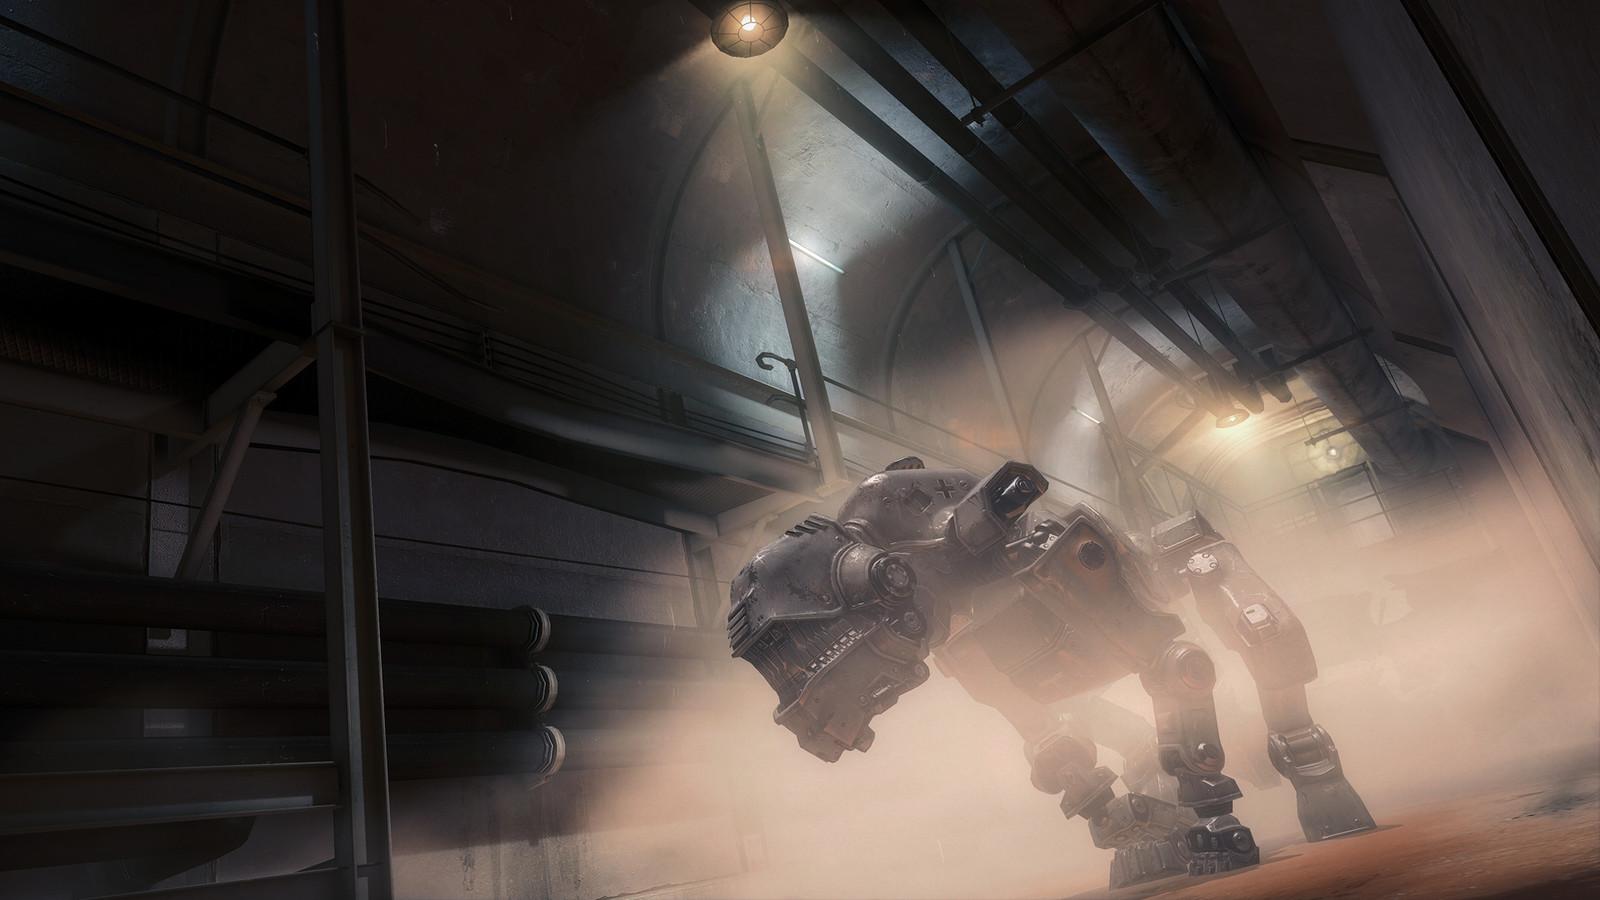 Wolfenstein: The New Order (MachineGames)